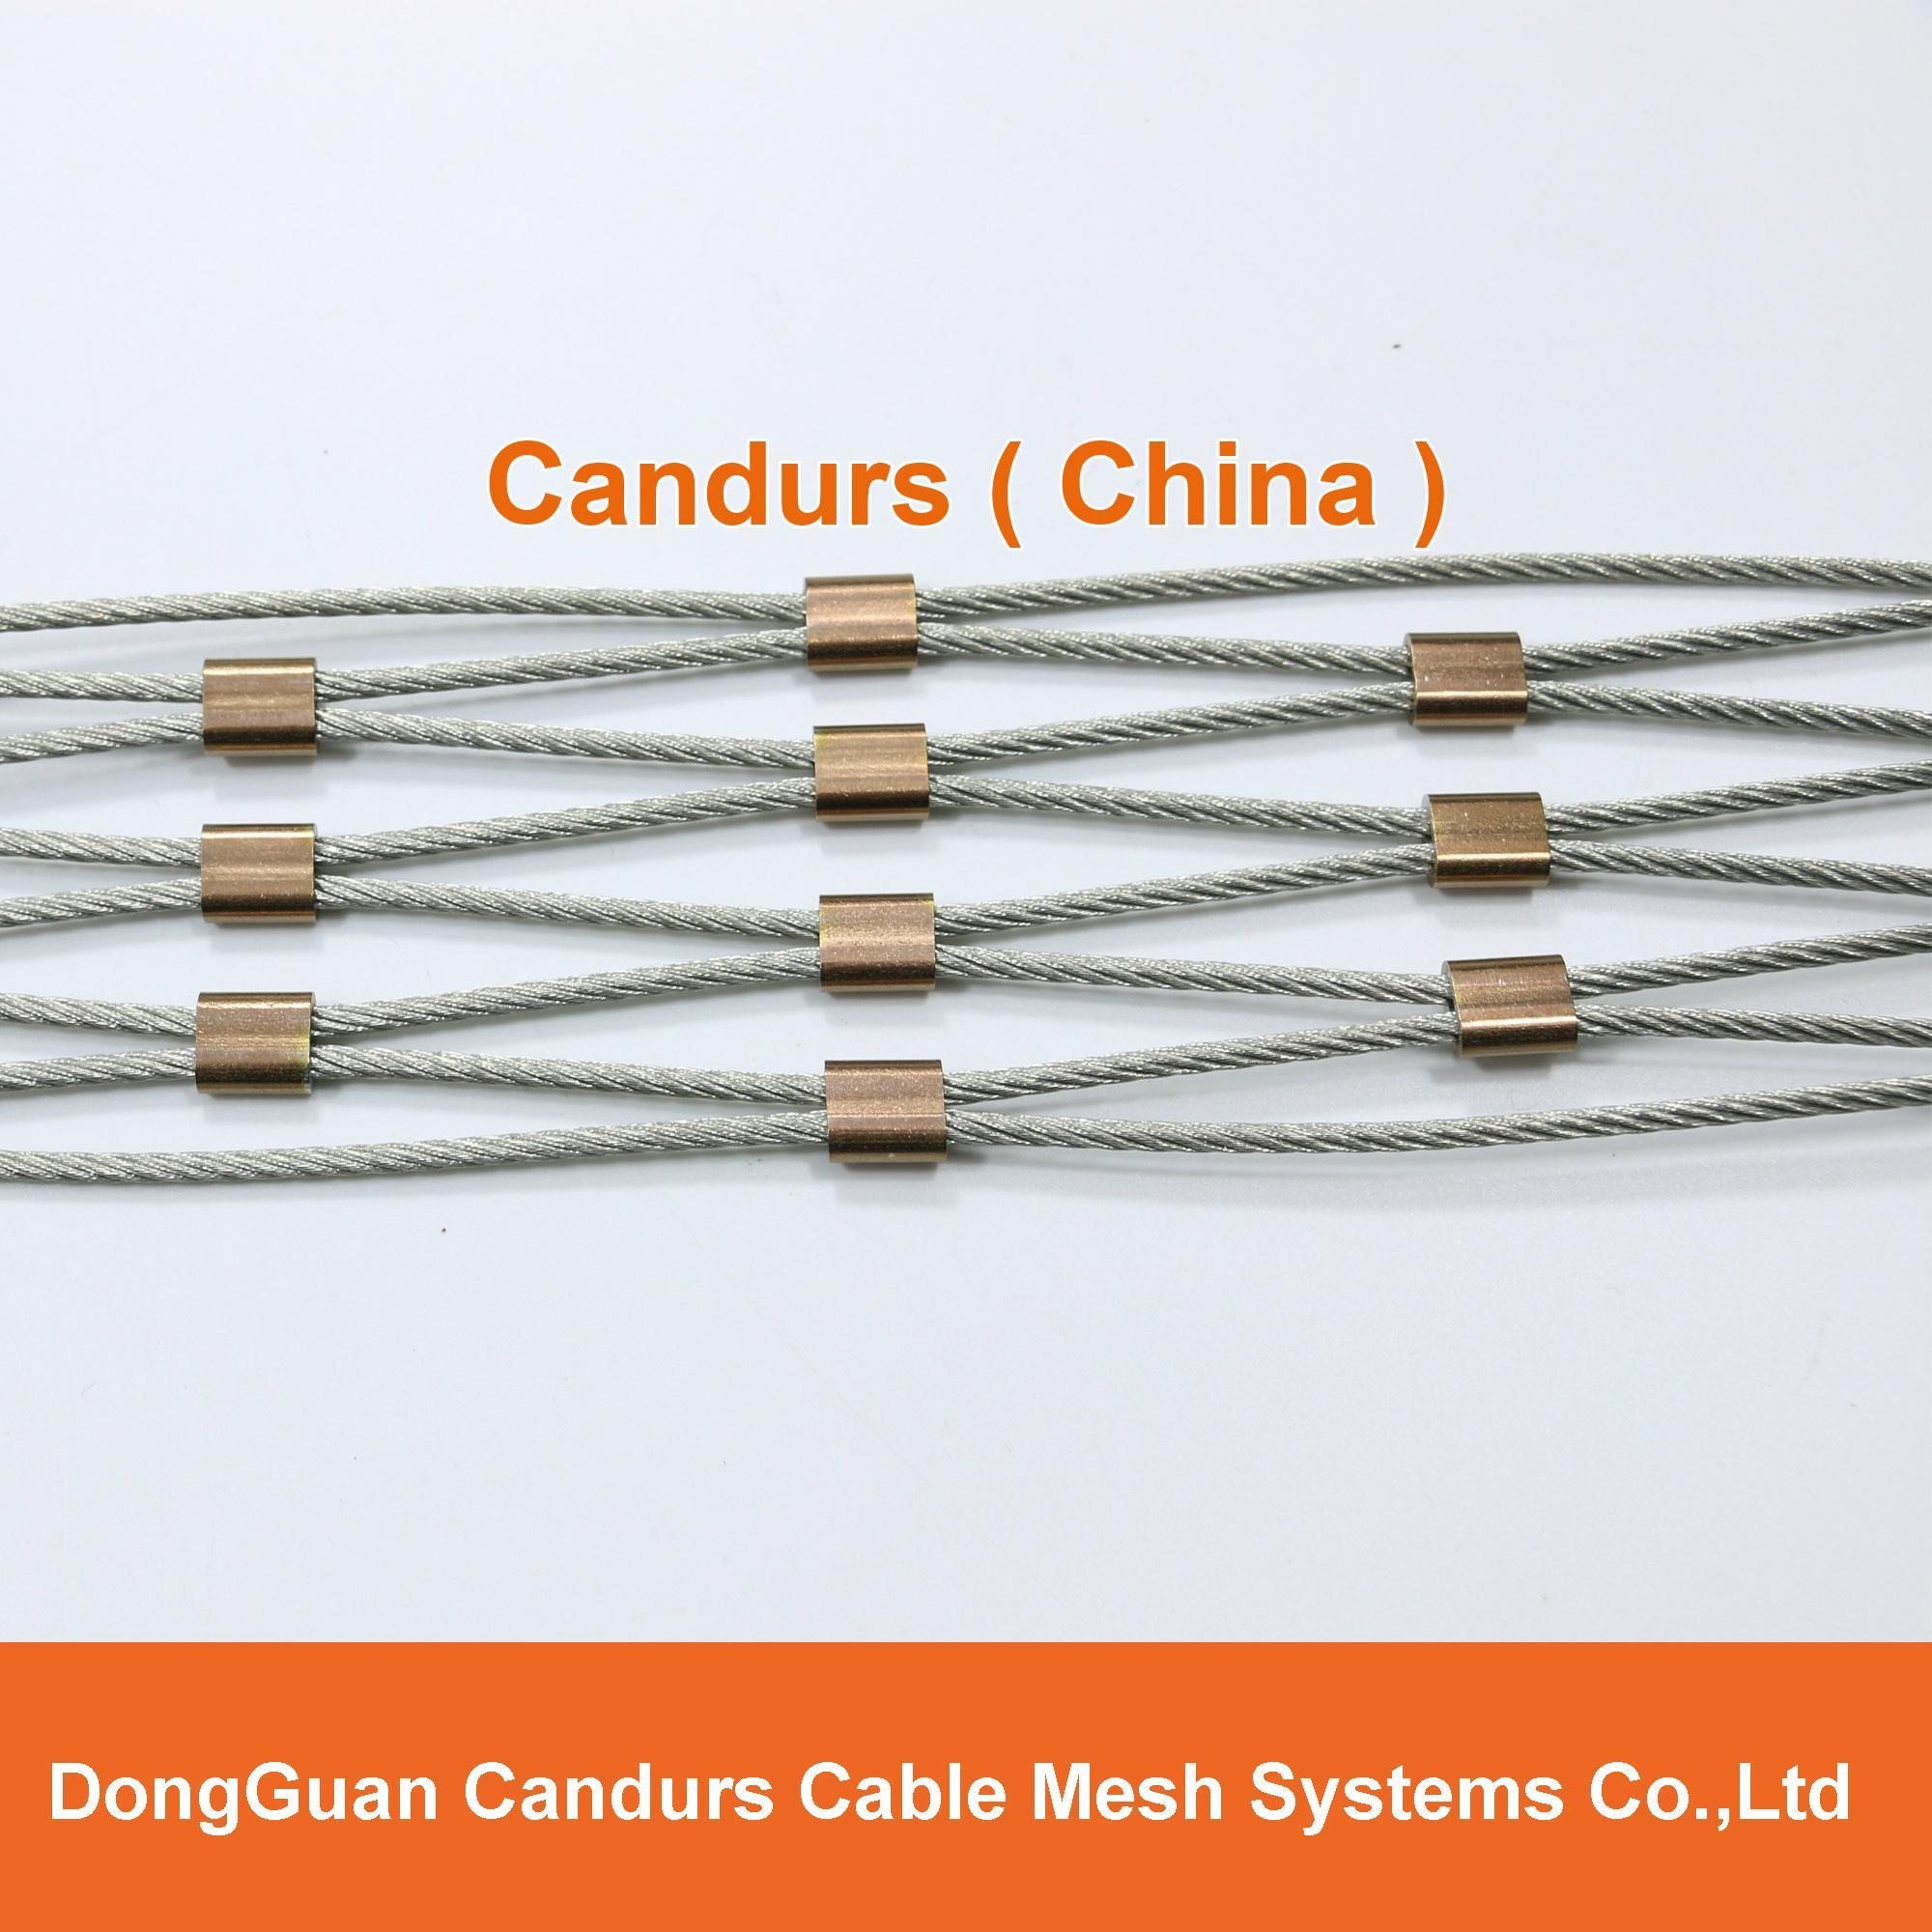 鋼絲繩挂網 11